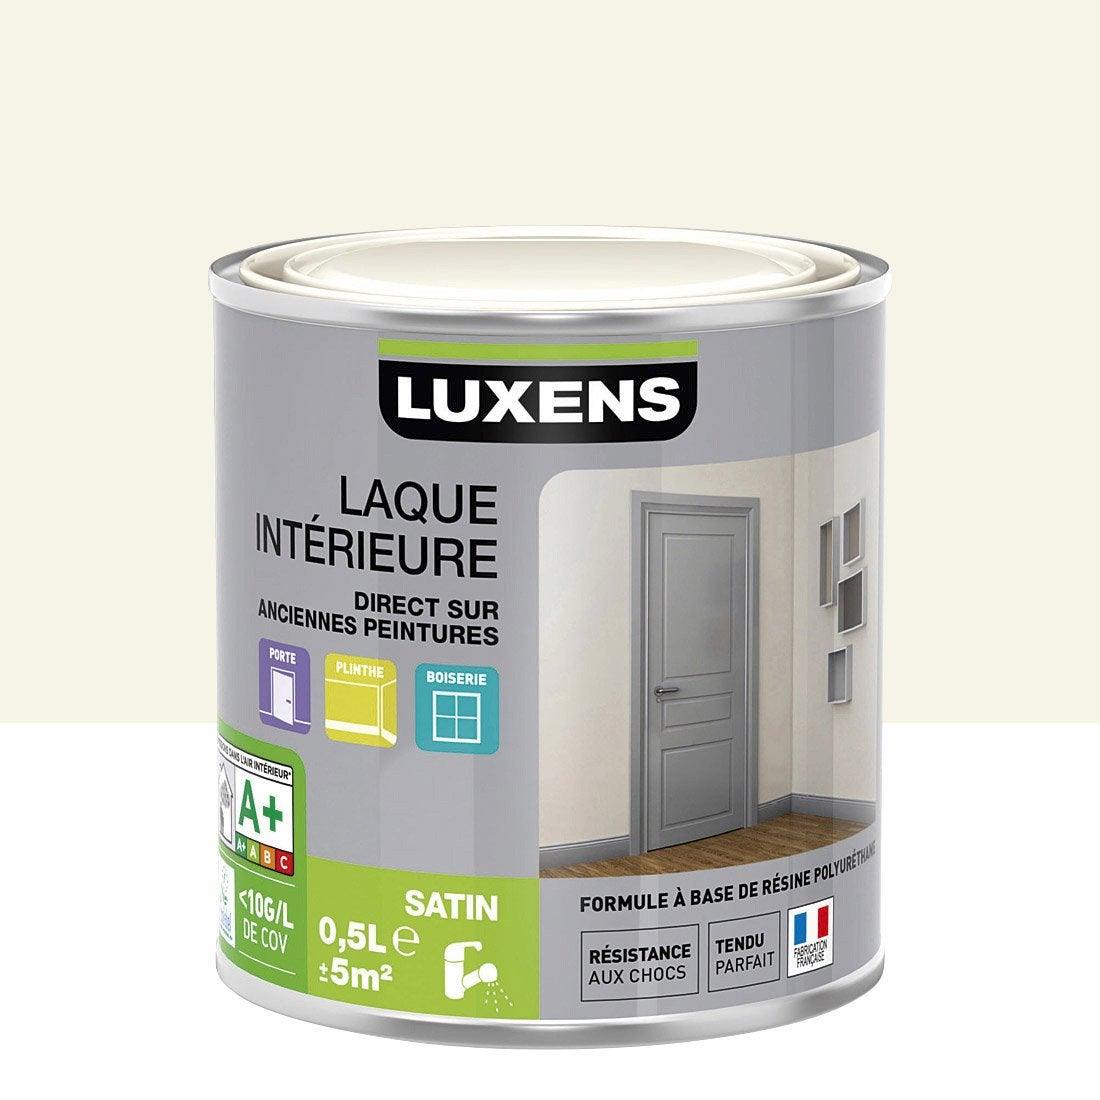 Peinture blanc ivoire 5 luxens laque satin 0 5 l leroy merlin - Peinture blanc ivoire ...